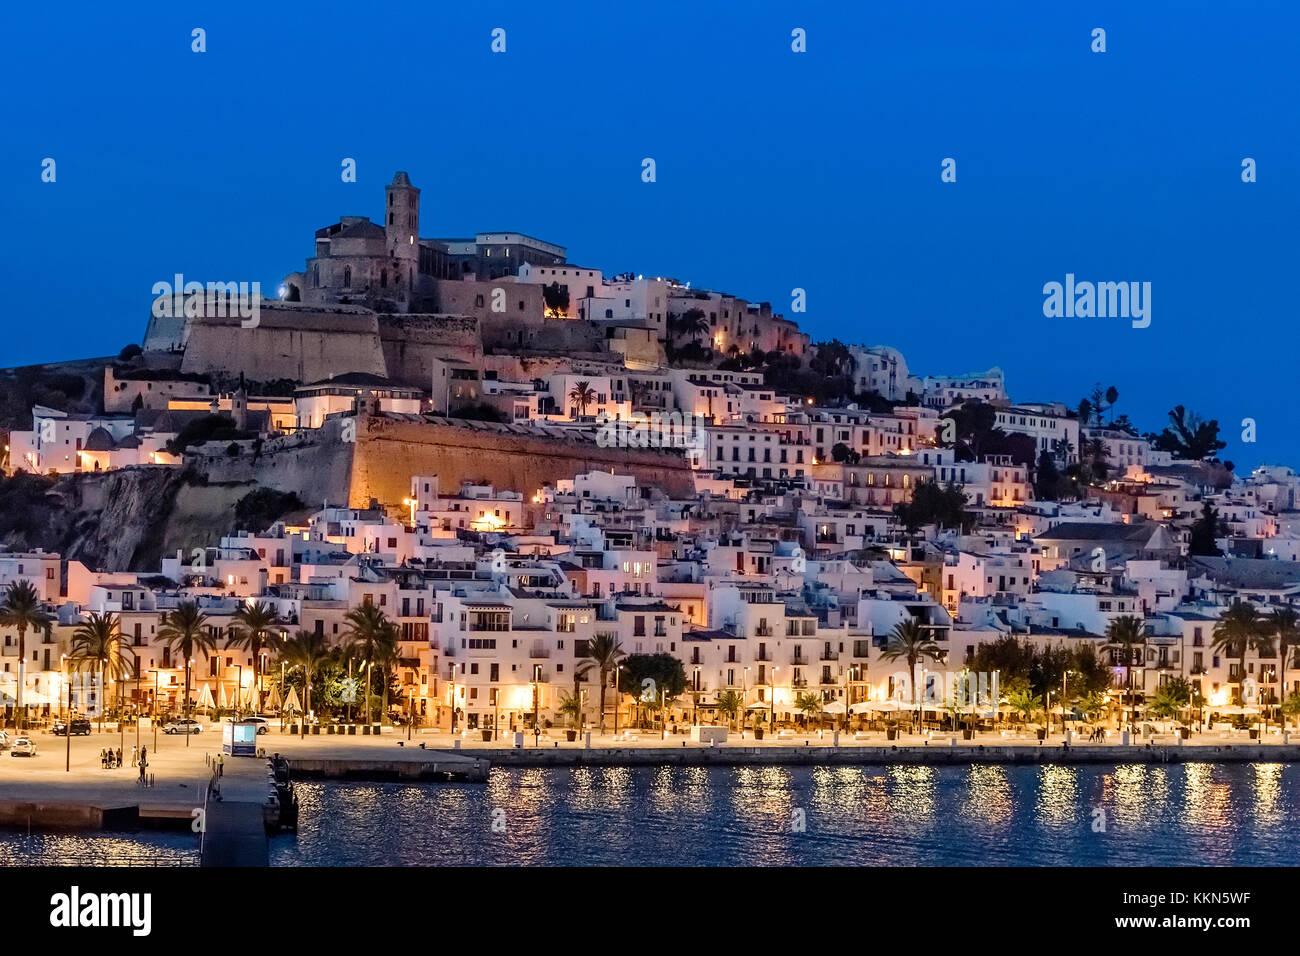 La città di Ibiza e la cattedrale di Santa Maria d'Eivissa di notte, Ibiza, Isole Baleari, Spagna. Immagini Stock